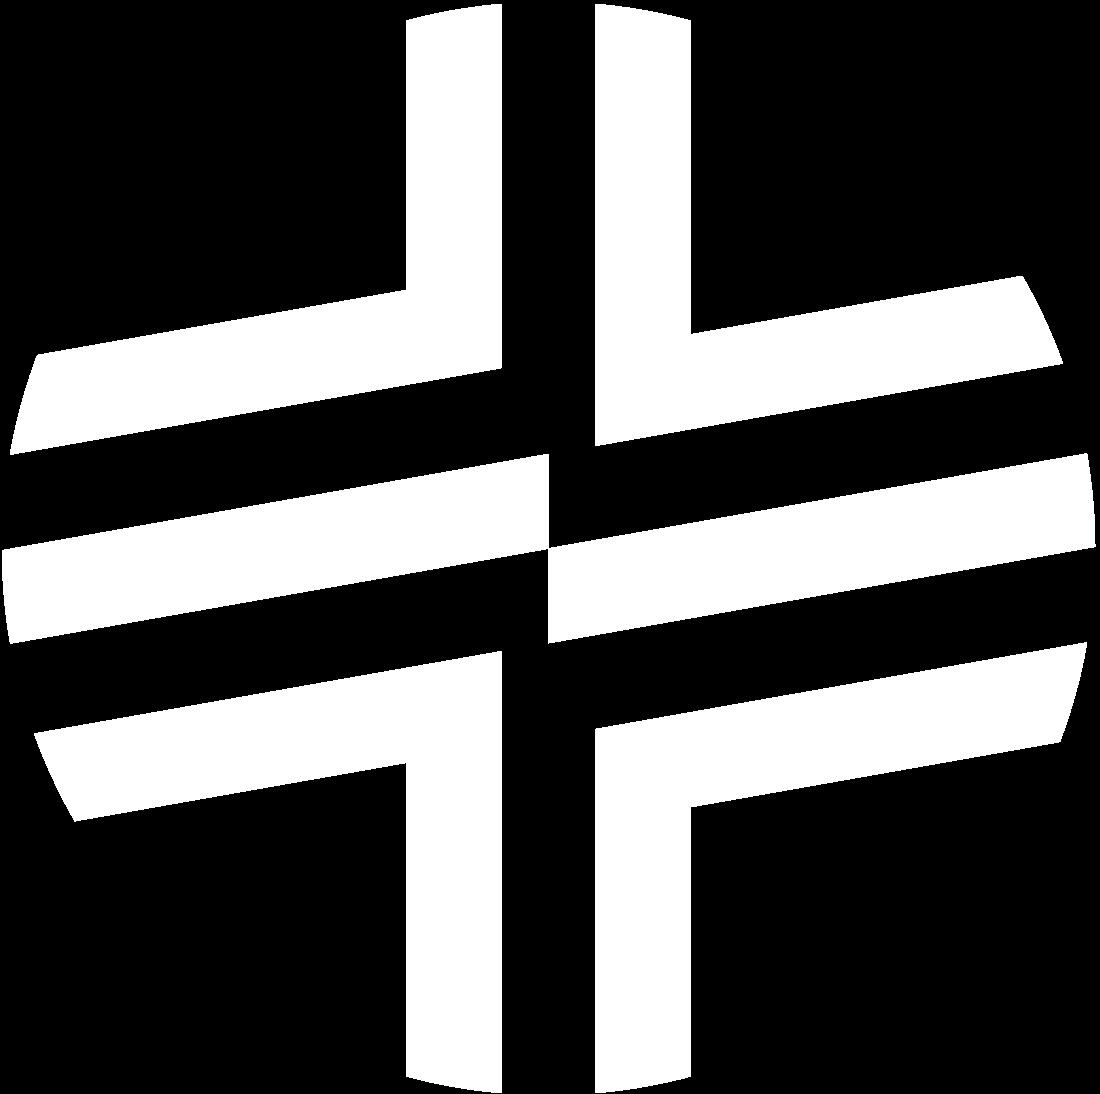 logo_w1100_white